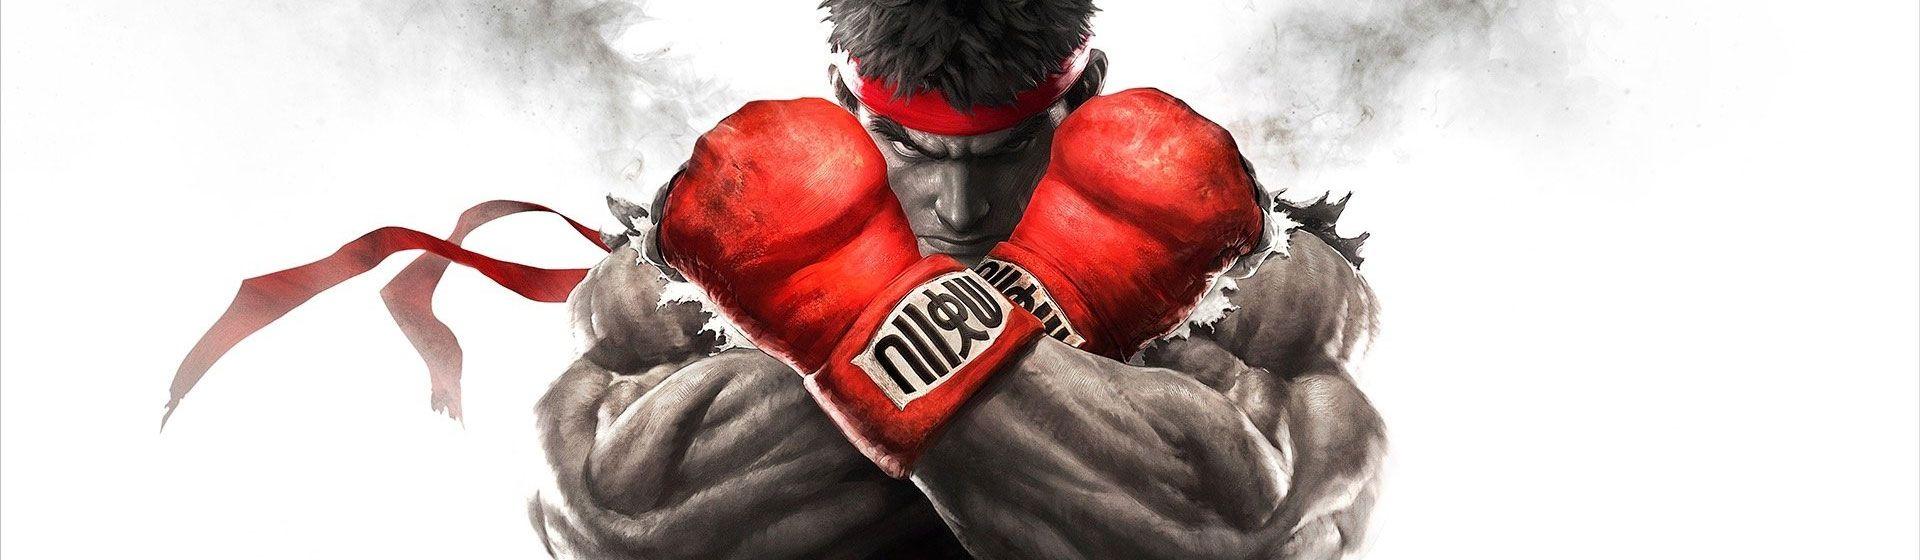 Street Fighter: conheça a história da franquia e os principais jogos